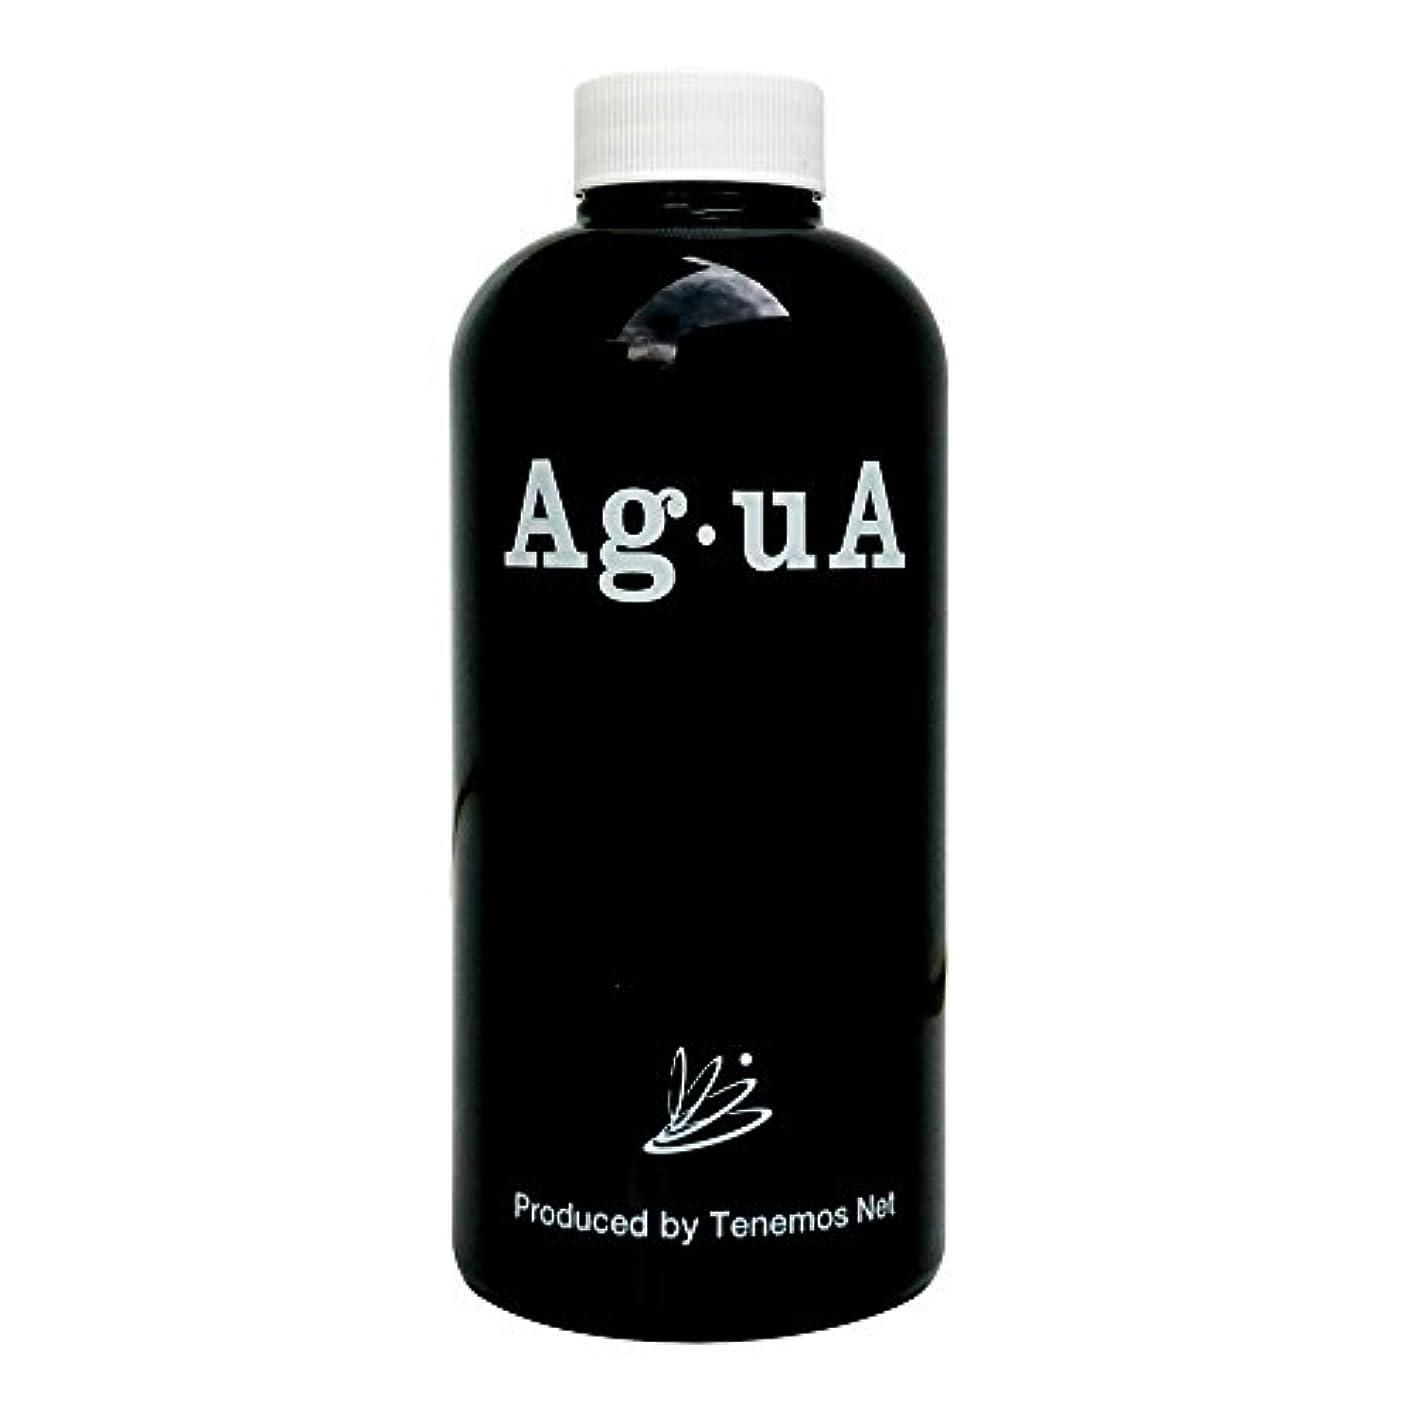 暗い水素材料テネモス 万能酵素水アグア Ag?uA 500ml